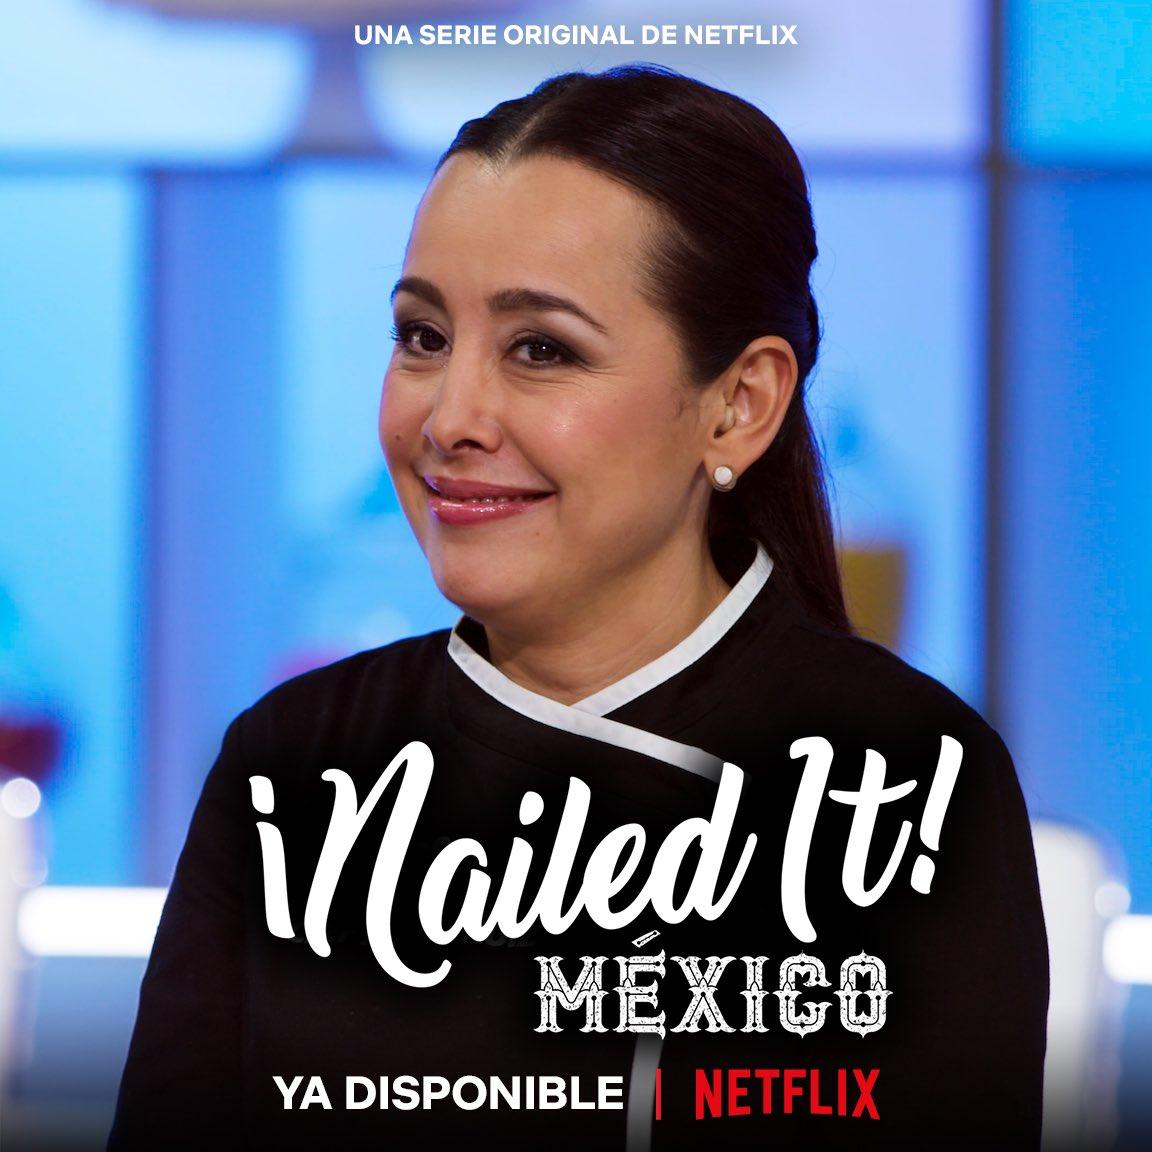 🧁🍰 En #NailedItMexico nada es... ni se parece a la realidad 🤭  📺 Ya está disponible la #TerceraTemporada disfrútala solo por @NetflixLAT https://t.co/Ytx7b2Z6OL